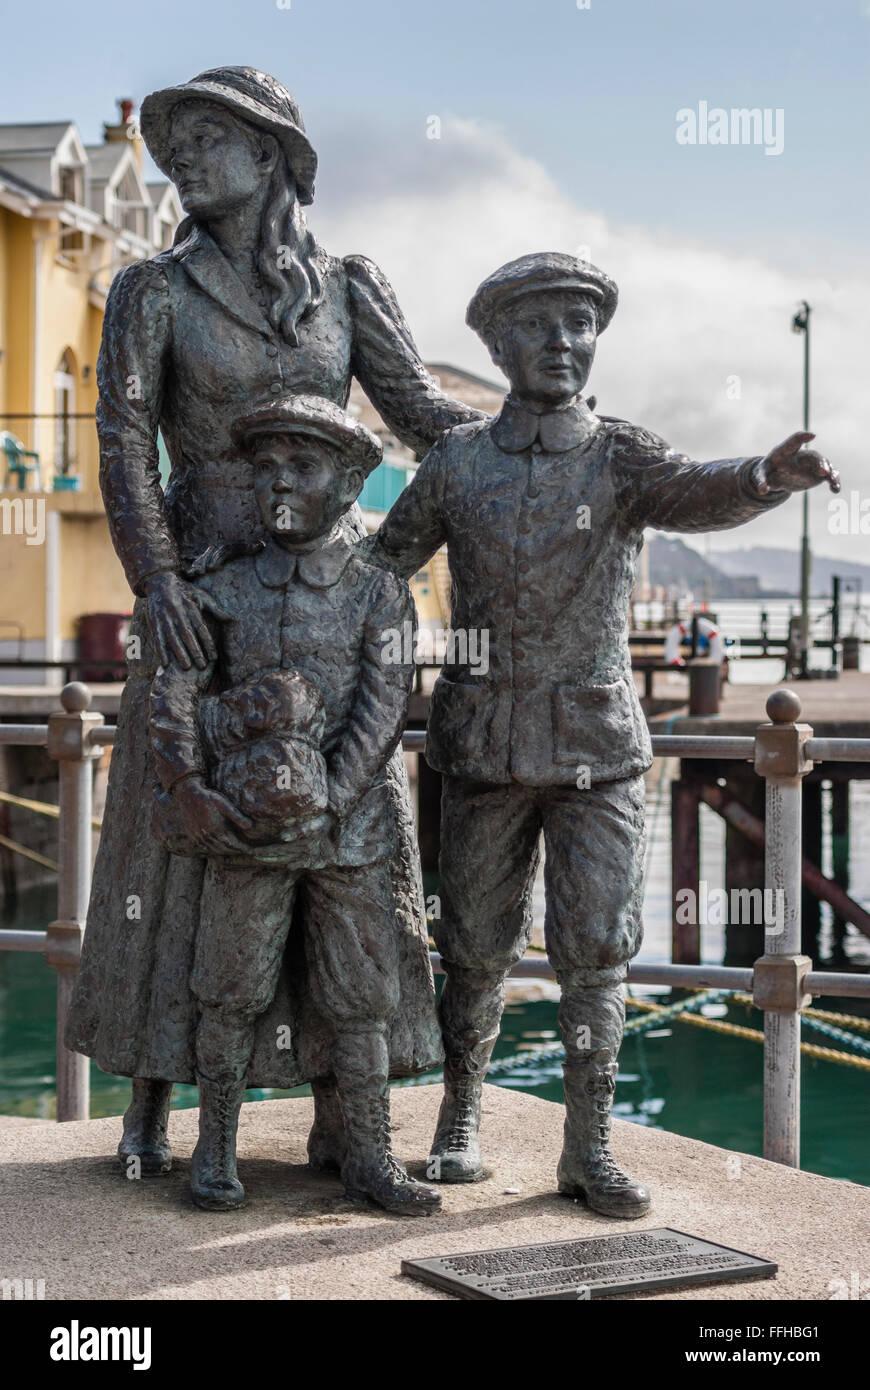 Statue d'Annie Moore, le premier immigrant aux Etats-Unis pour passer à travers l'installation d'Ellis Island, à Cobh Harbour, de l'Irlande. Banque D'Images